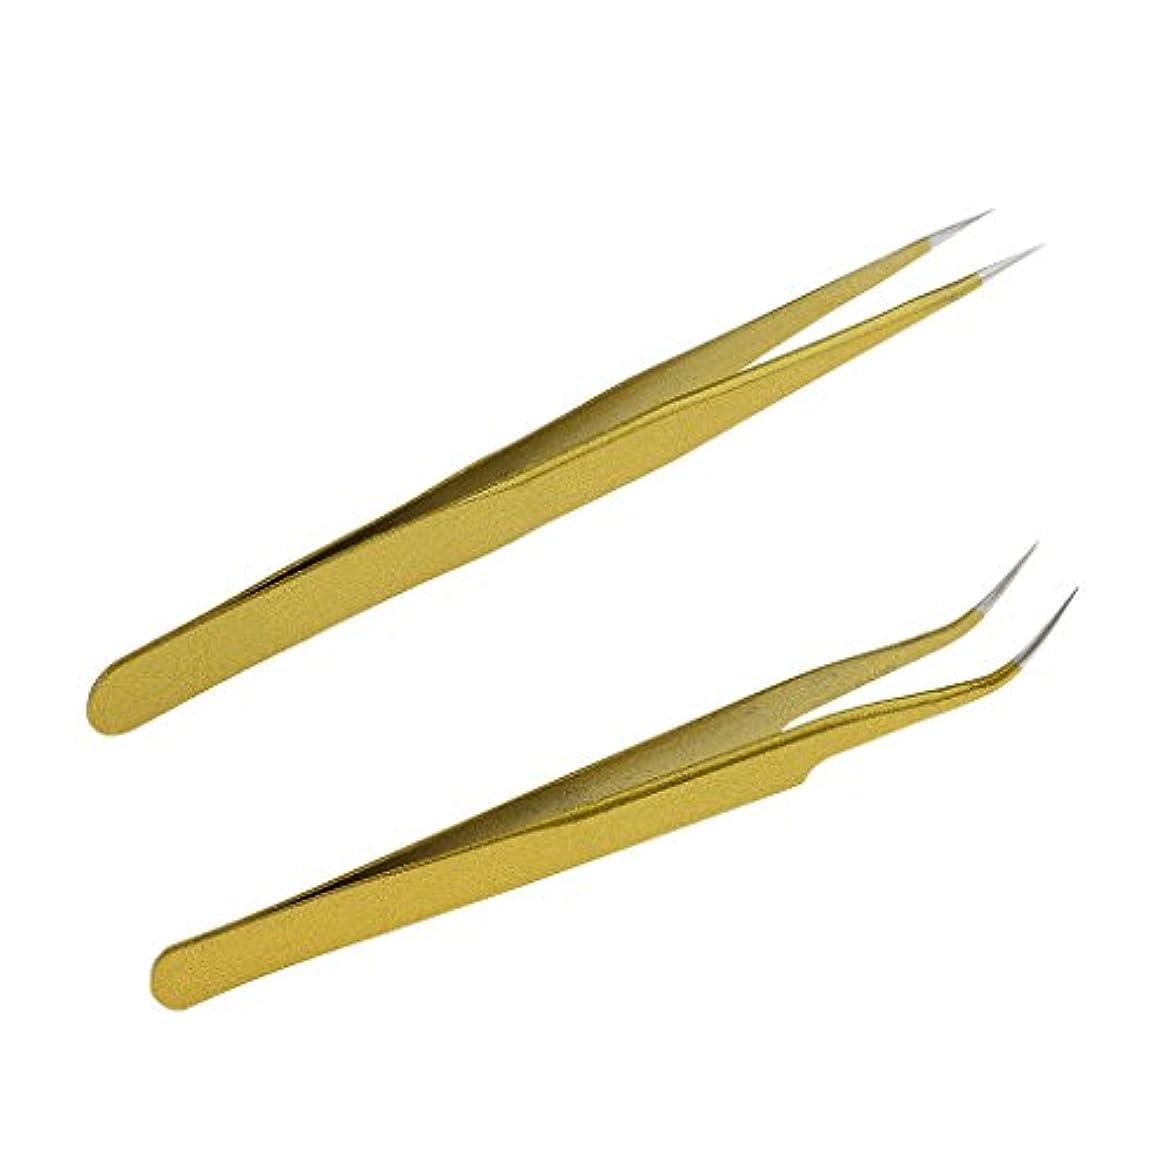 いつパッケージ無線毛抜き ピンセット ステンレス 曲線 ストレート まつげエクステンション ゴールド 2本セット